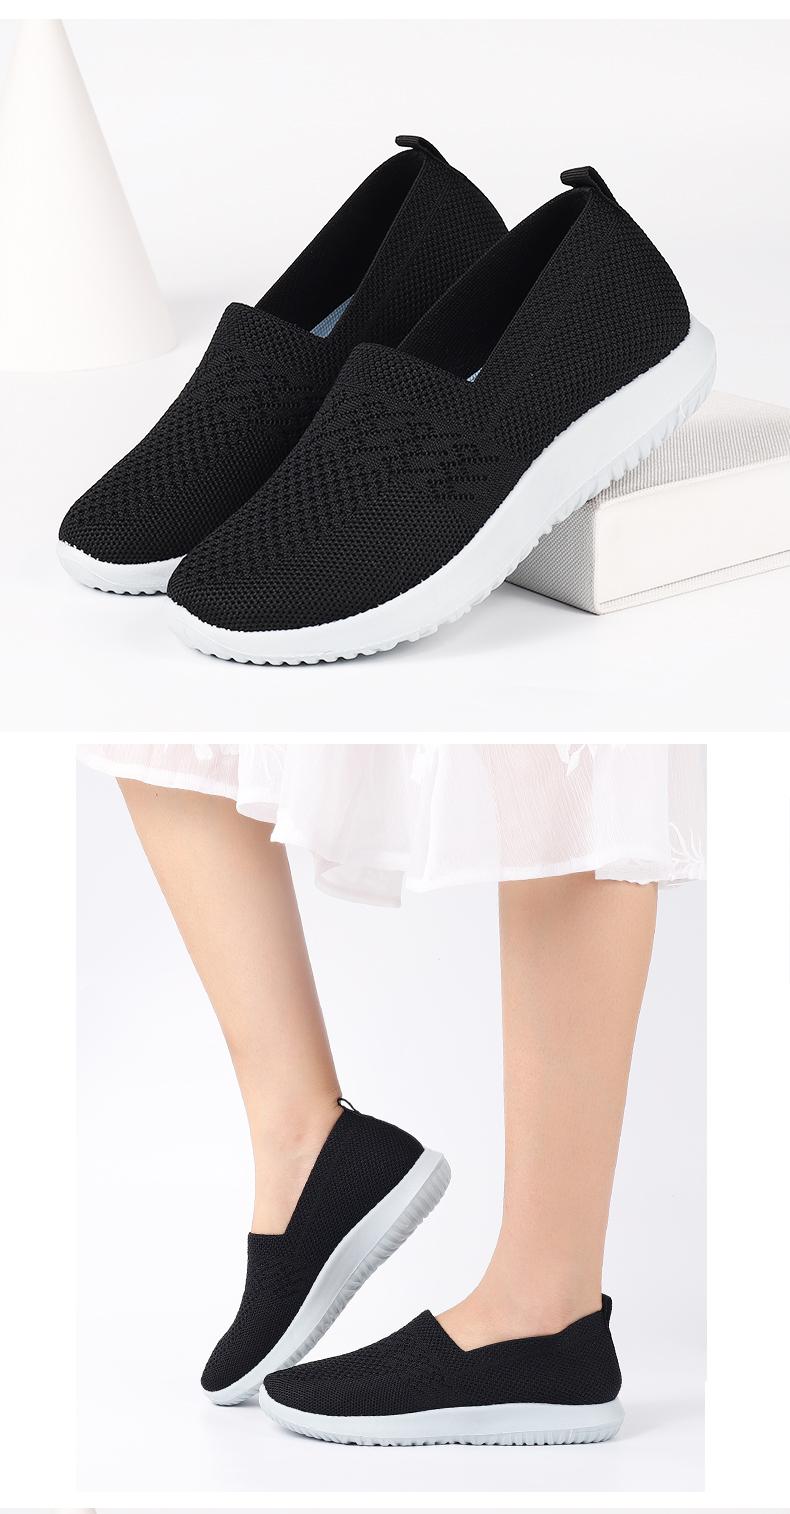 老北京布鞋妈妈鞋女奶奶中老年网鞋老人鞋轻便防滑软底健步运动鞋详细照片